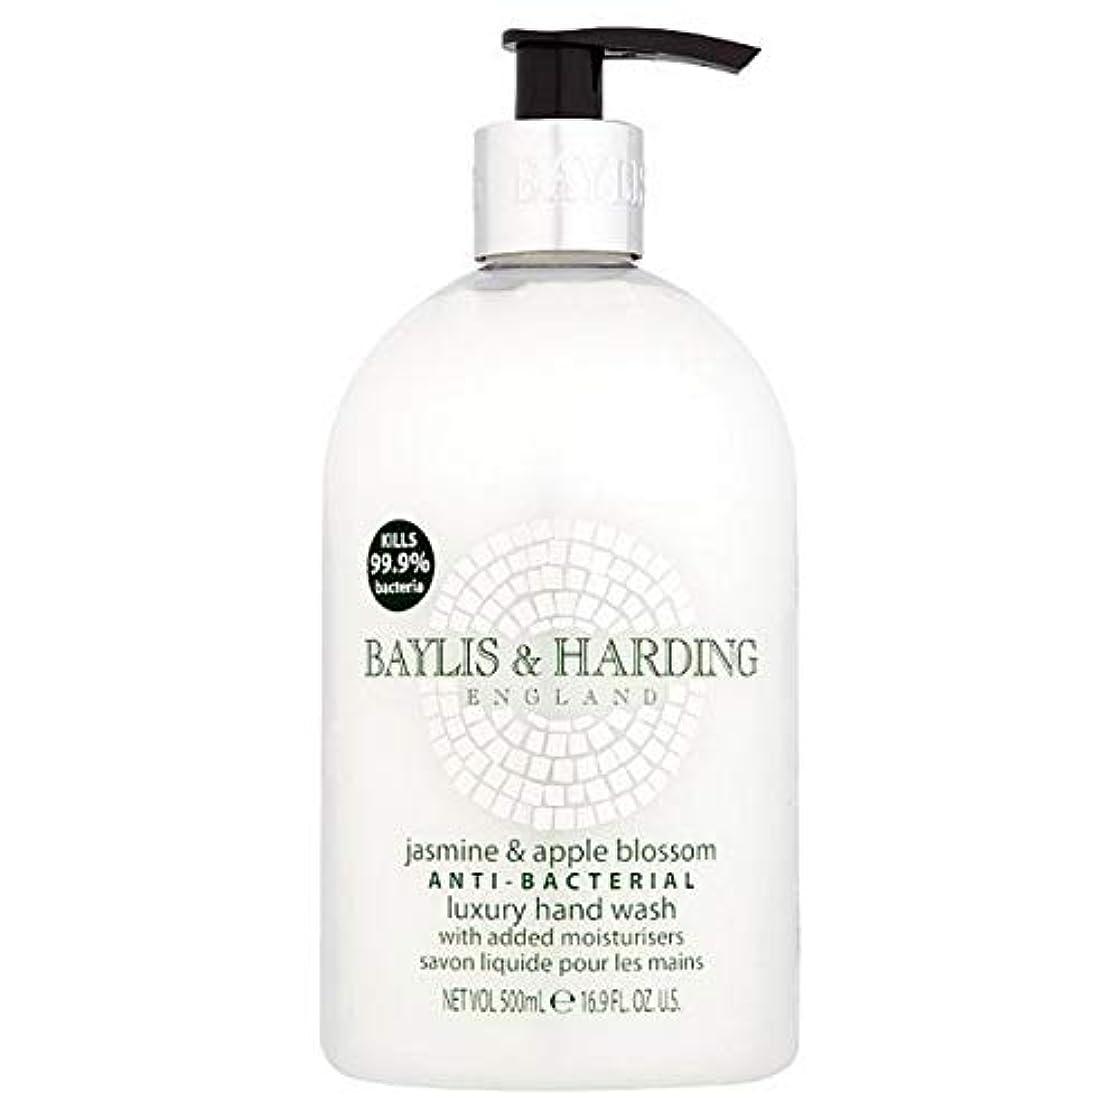 妊娠したダイエットアラスカ[Baylis & Harding ] ベイリス&ハーディング署名抗菌手洗い用500ミリリットル - Baylis & Harding Signature Antibacterial Hand Wash 500ml [並行輸入品]